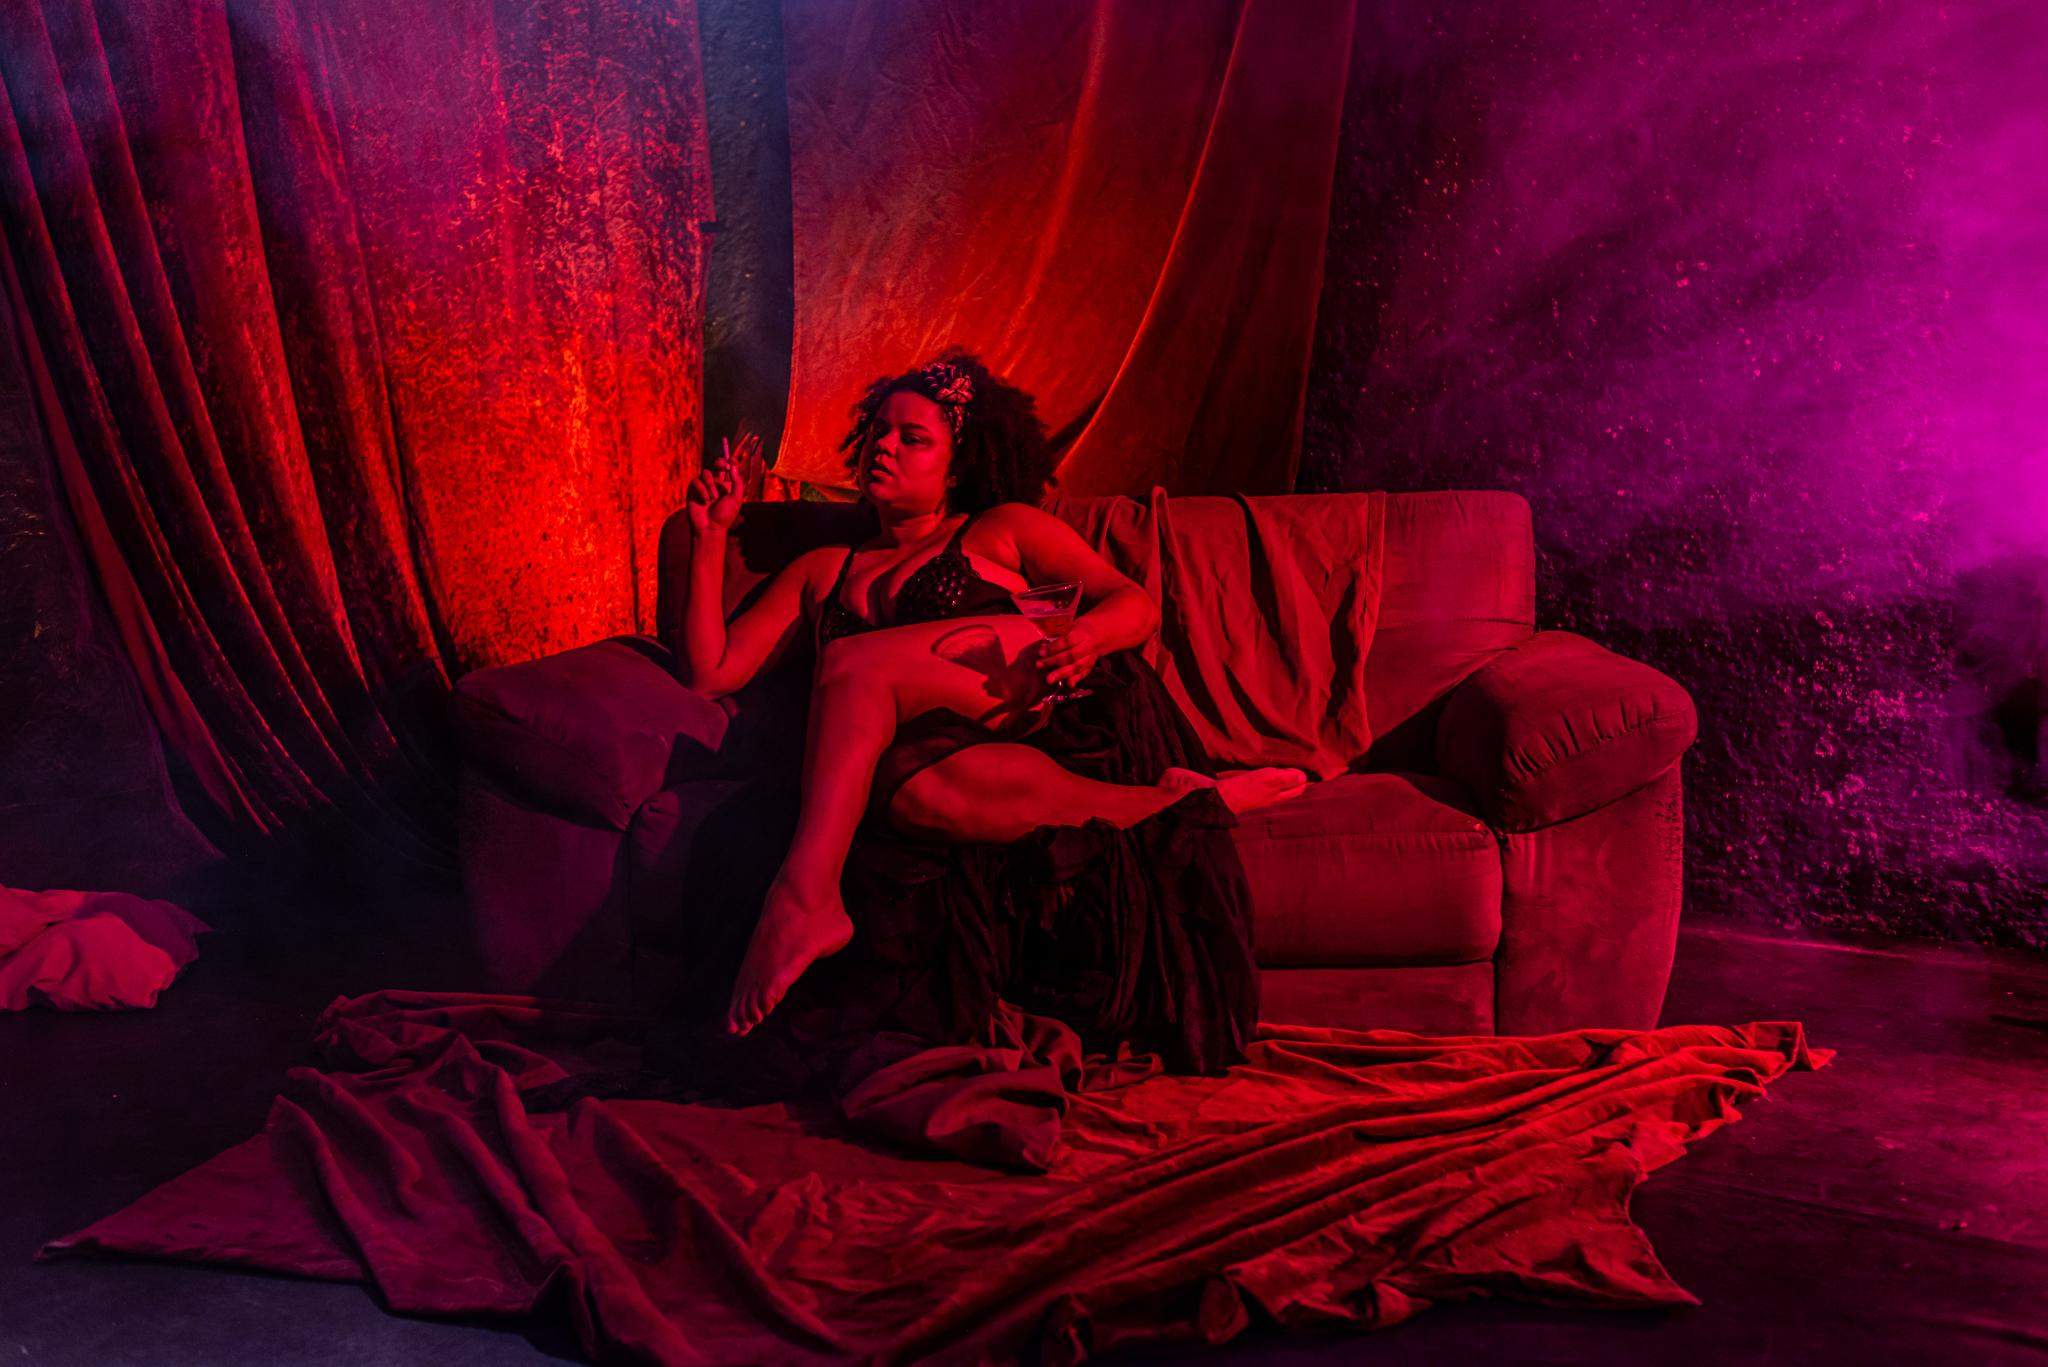 Atriz com roupa íntima sentada num sofá, sob luz vermelha